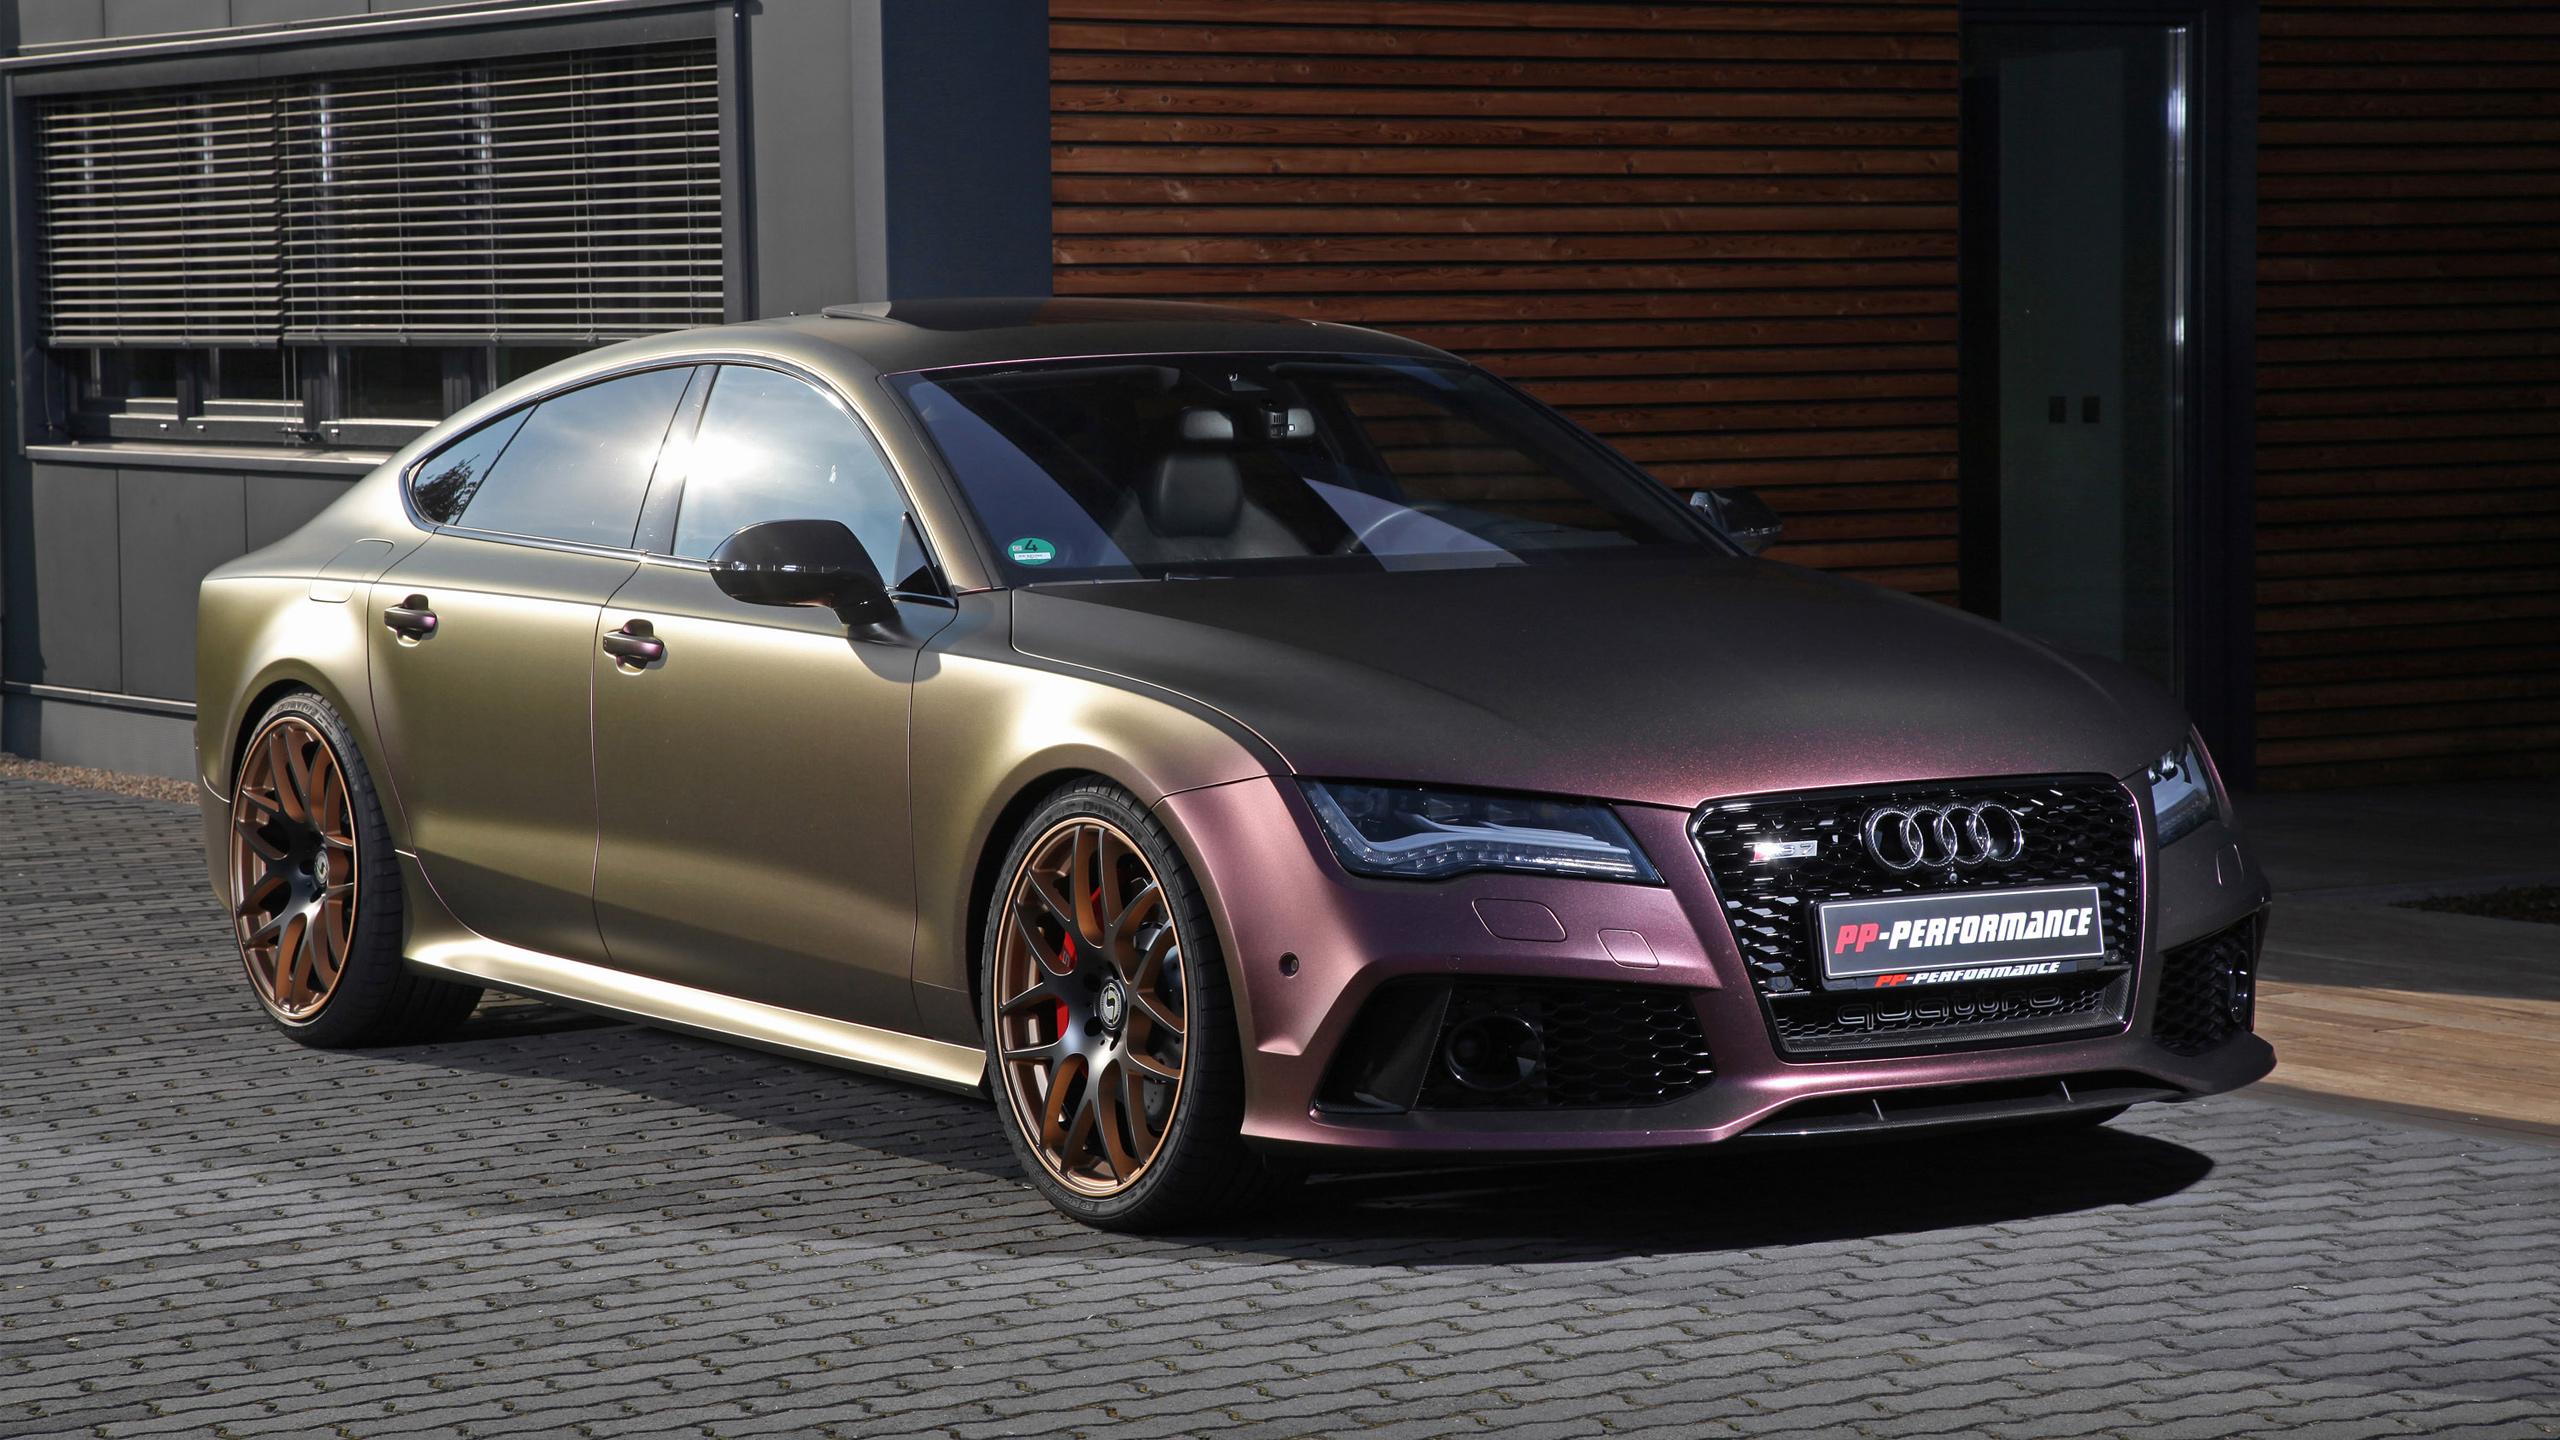 Audi Full Hd Wallpaper Download 2016 Pp Performance Audi Rs7 Wallpaper Hd Car Wallpapers